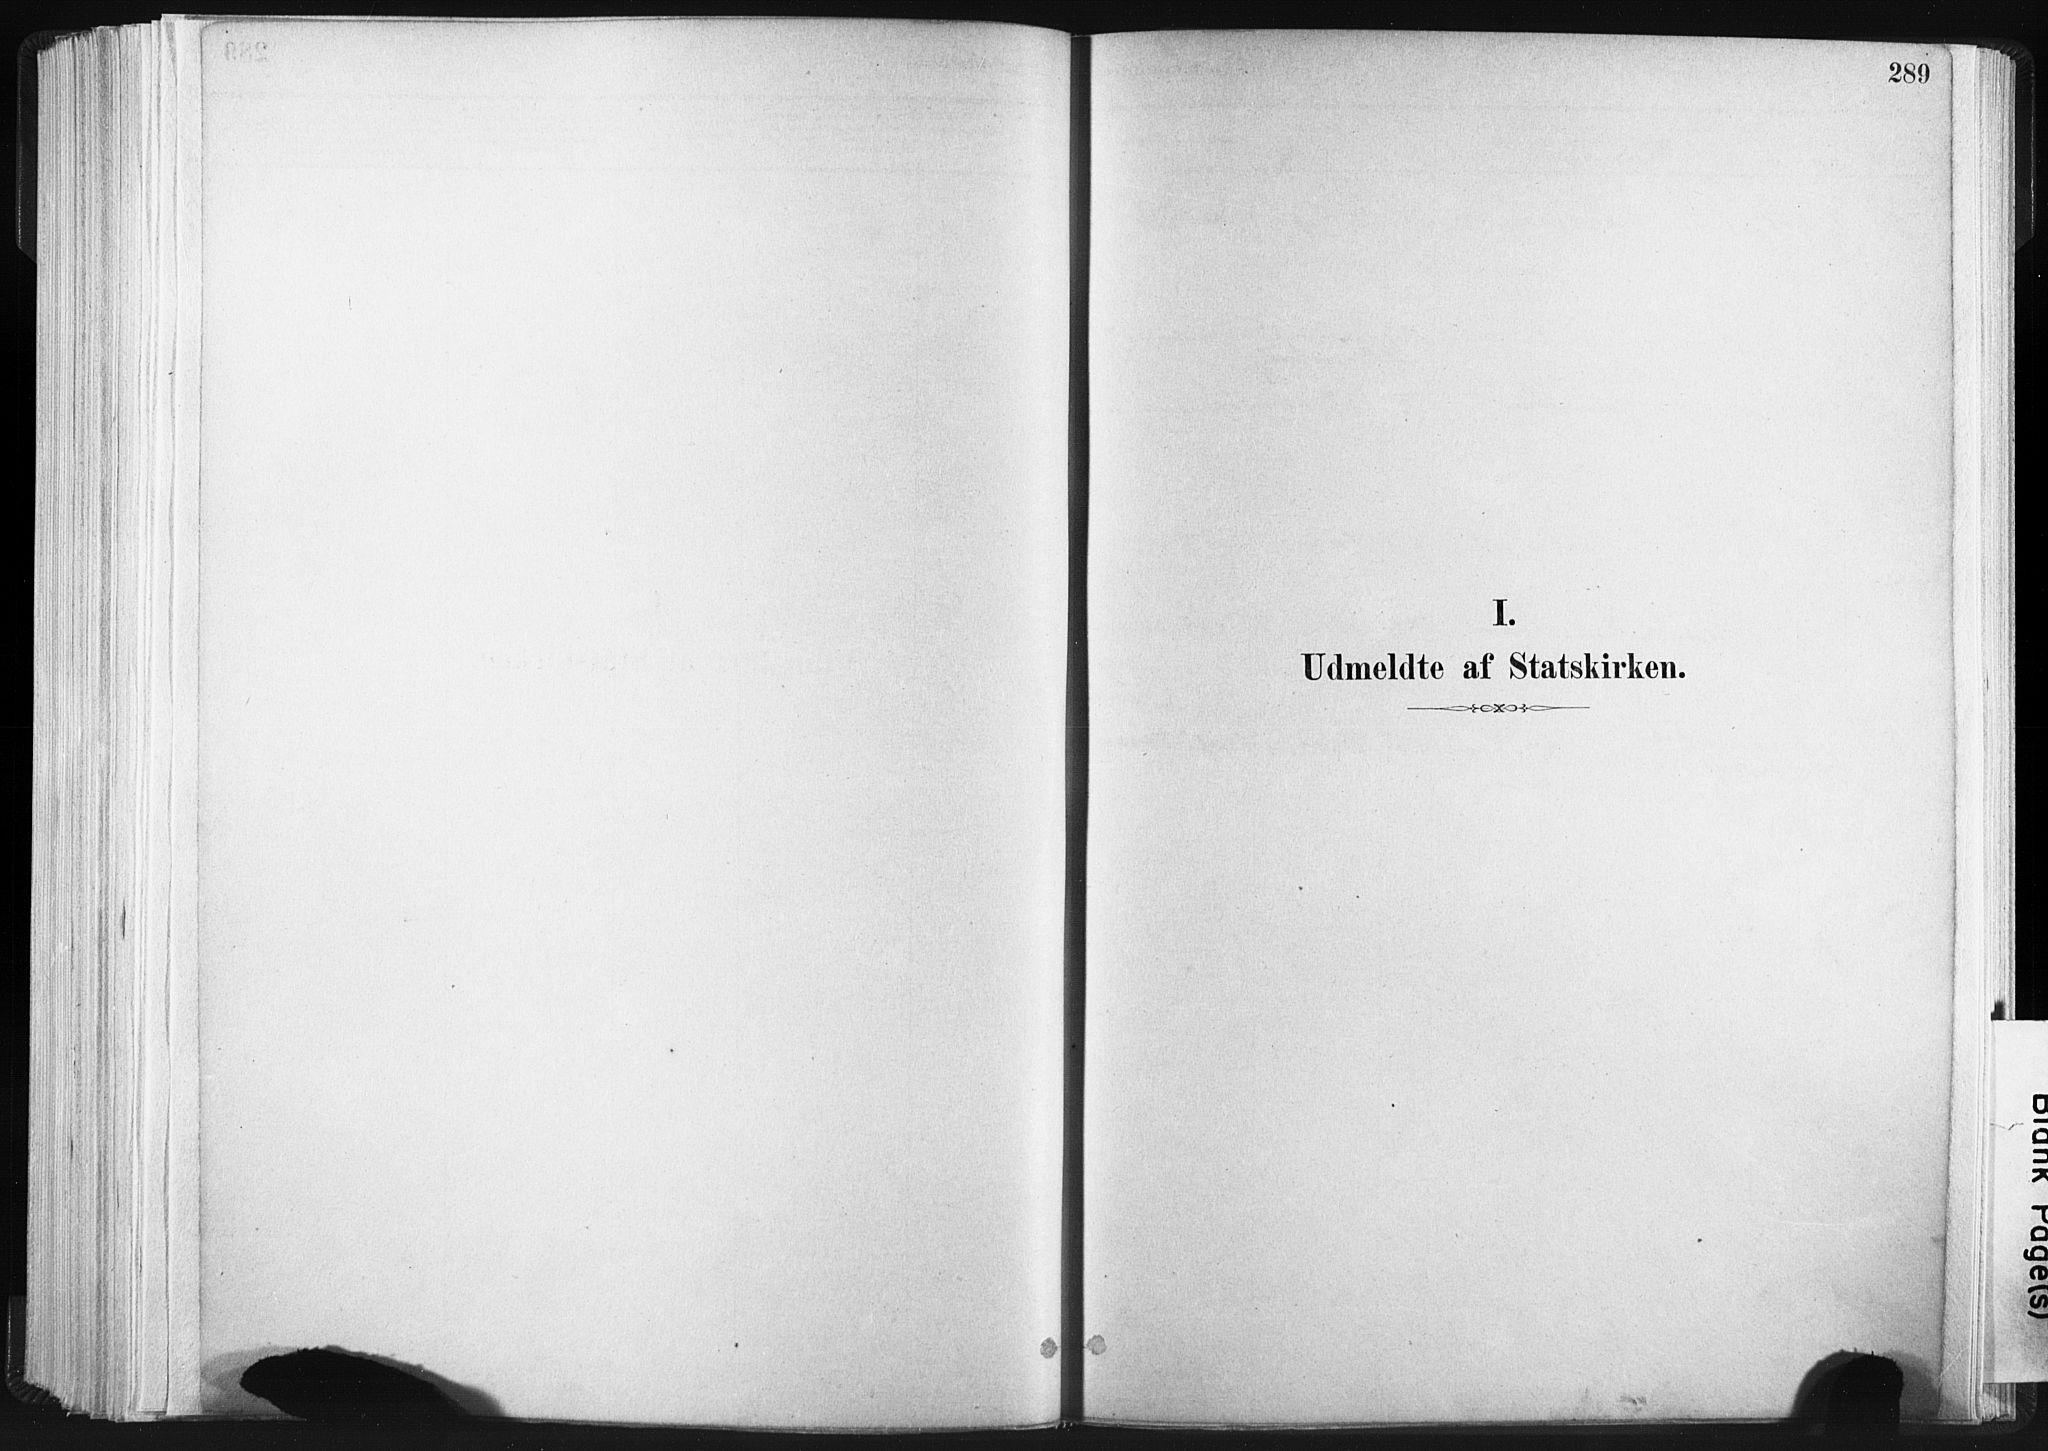 SAT, Ministerialprotokoller, klokkerbøker og fødselsregistre - Sør-Trøndelag, 665/L0773: Ministerialbok nr. 665A08, 1879-1905, s. 289